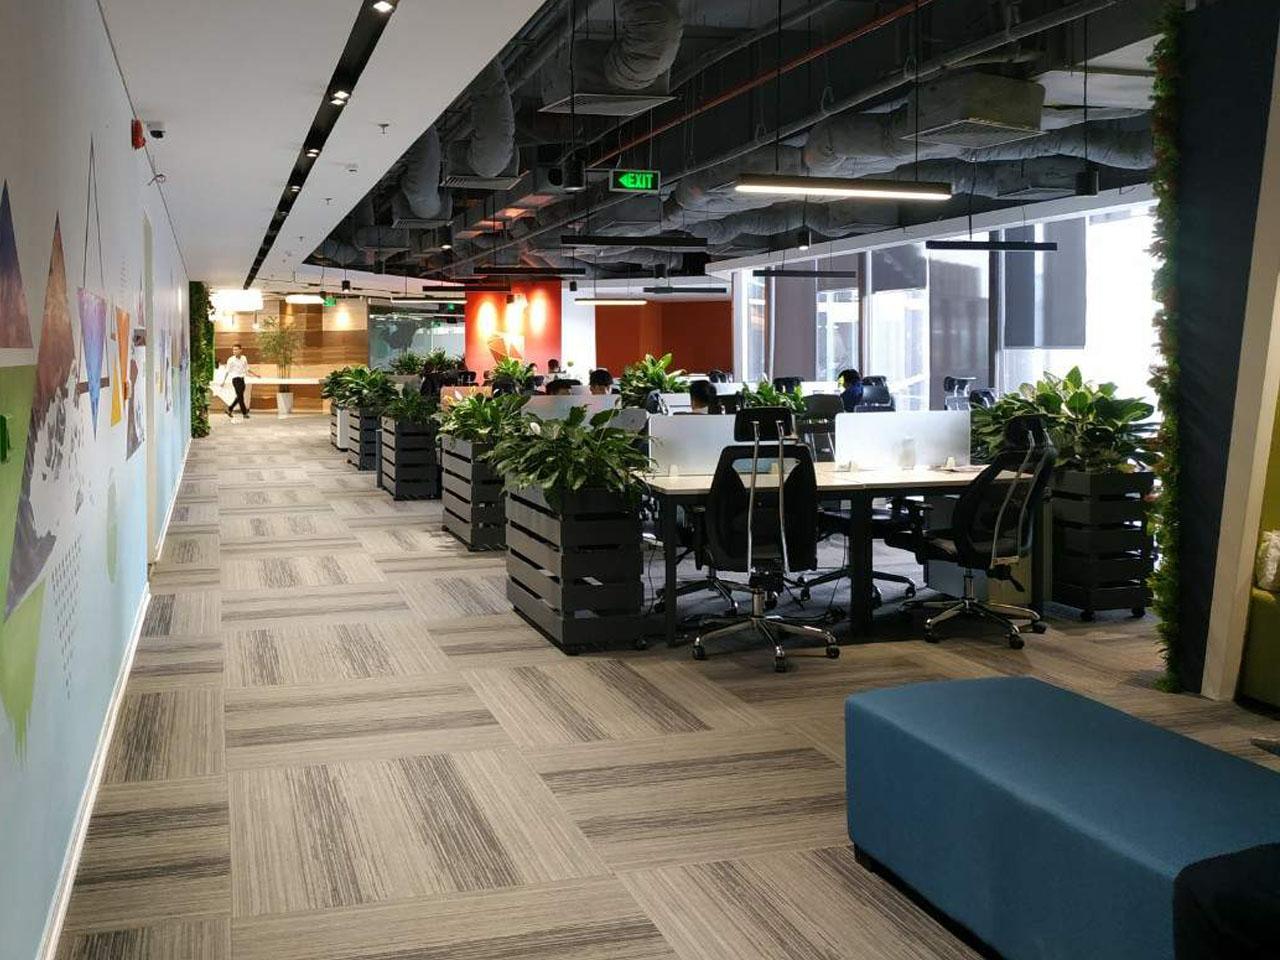 Khu văn phòng làm việc chung - Với thiết kế không gian mở